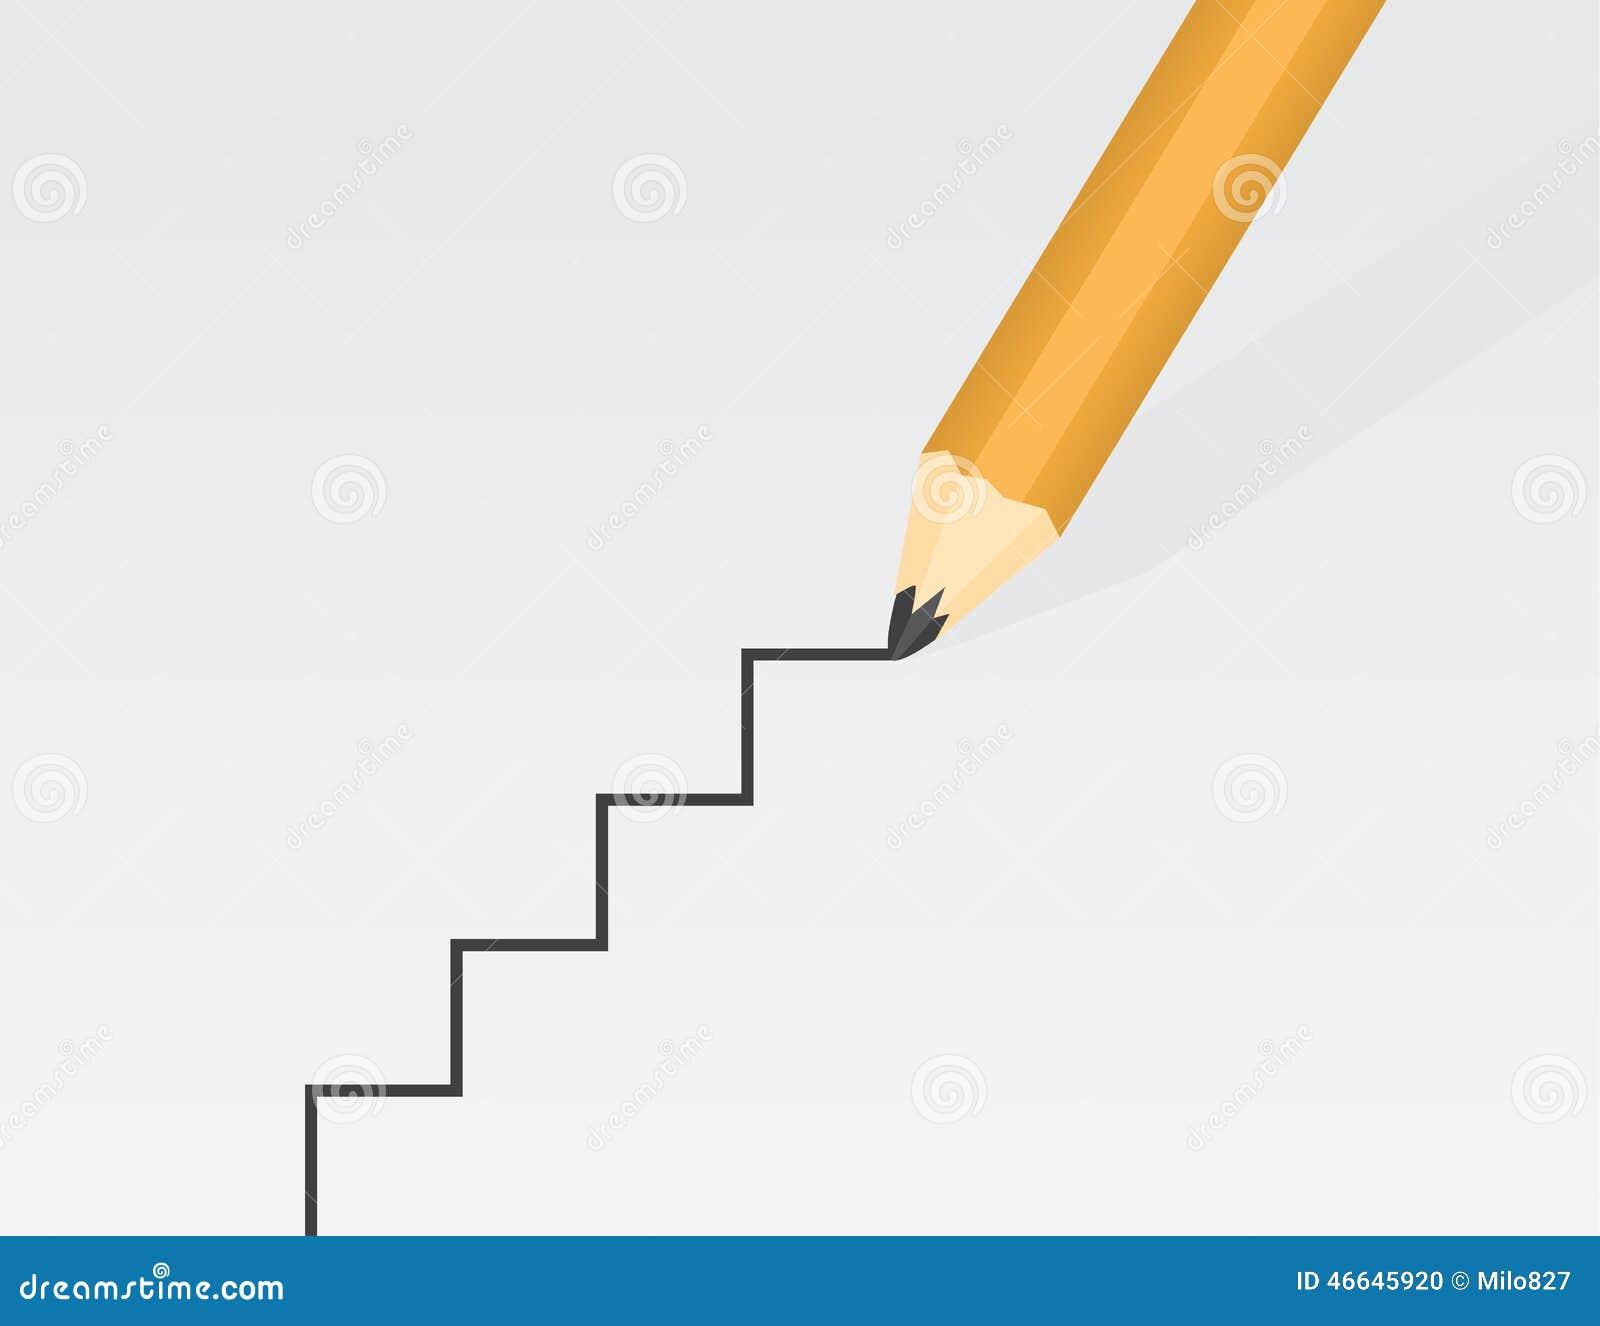 Drawing Straight Lines With Procreate : Escaleras del dibujo de lápiz ilustración vector